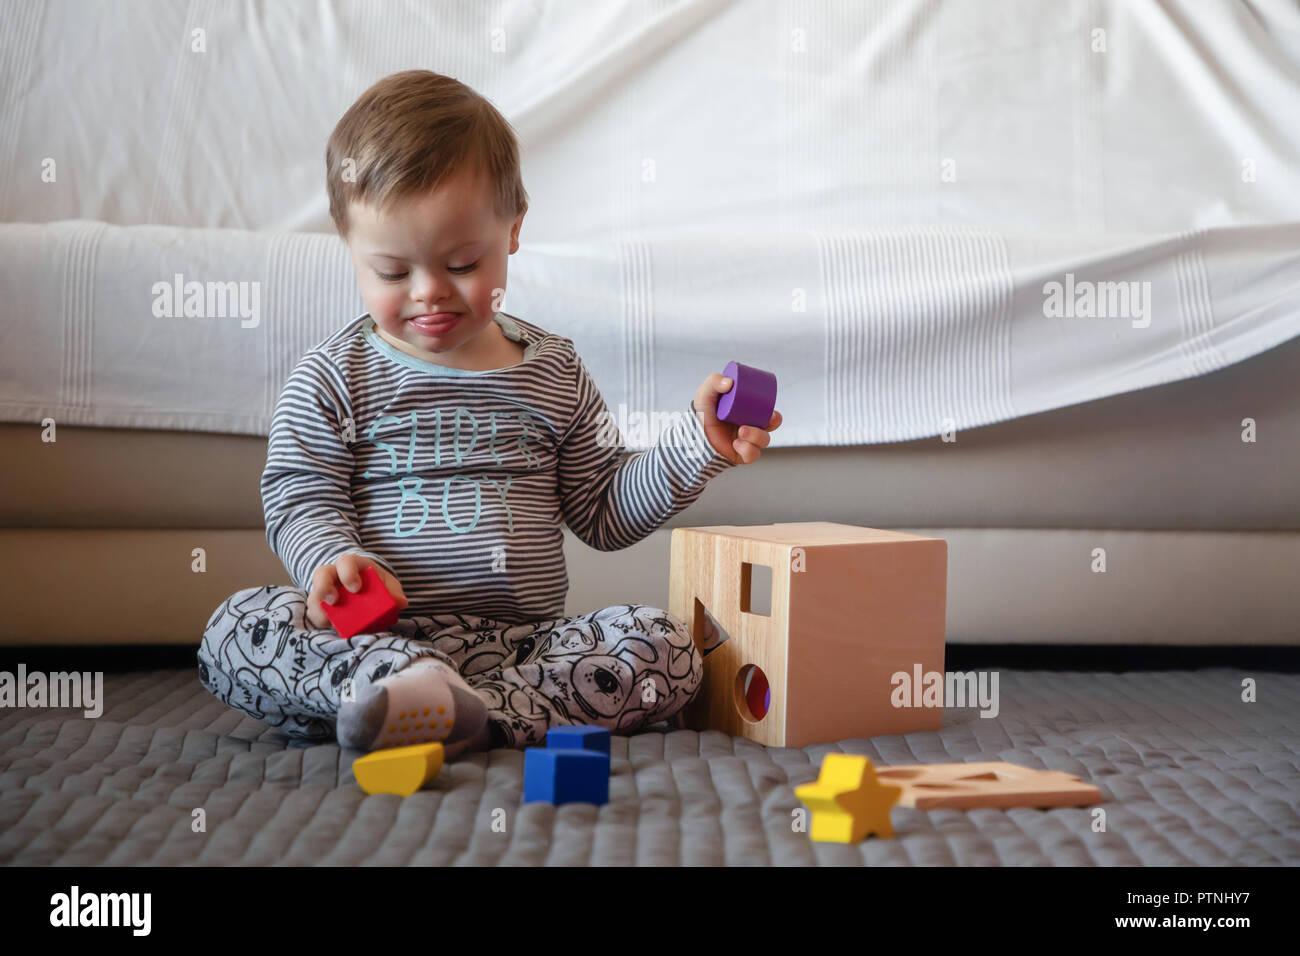 Retrato de chico lindo con síndrome de Down jugando en casa Imagen De Stock